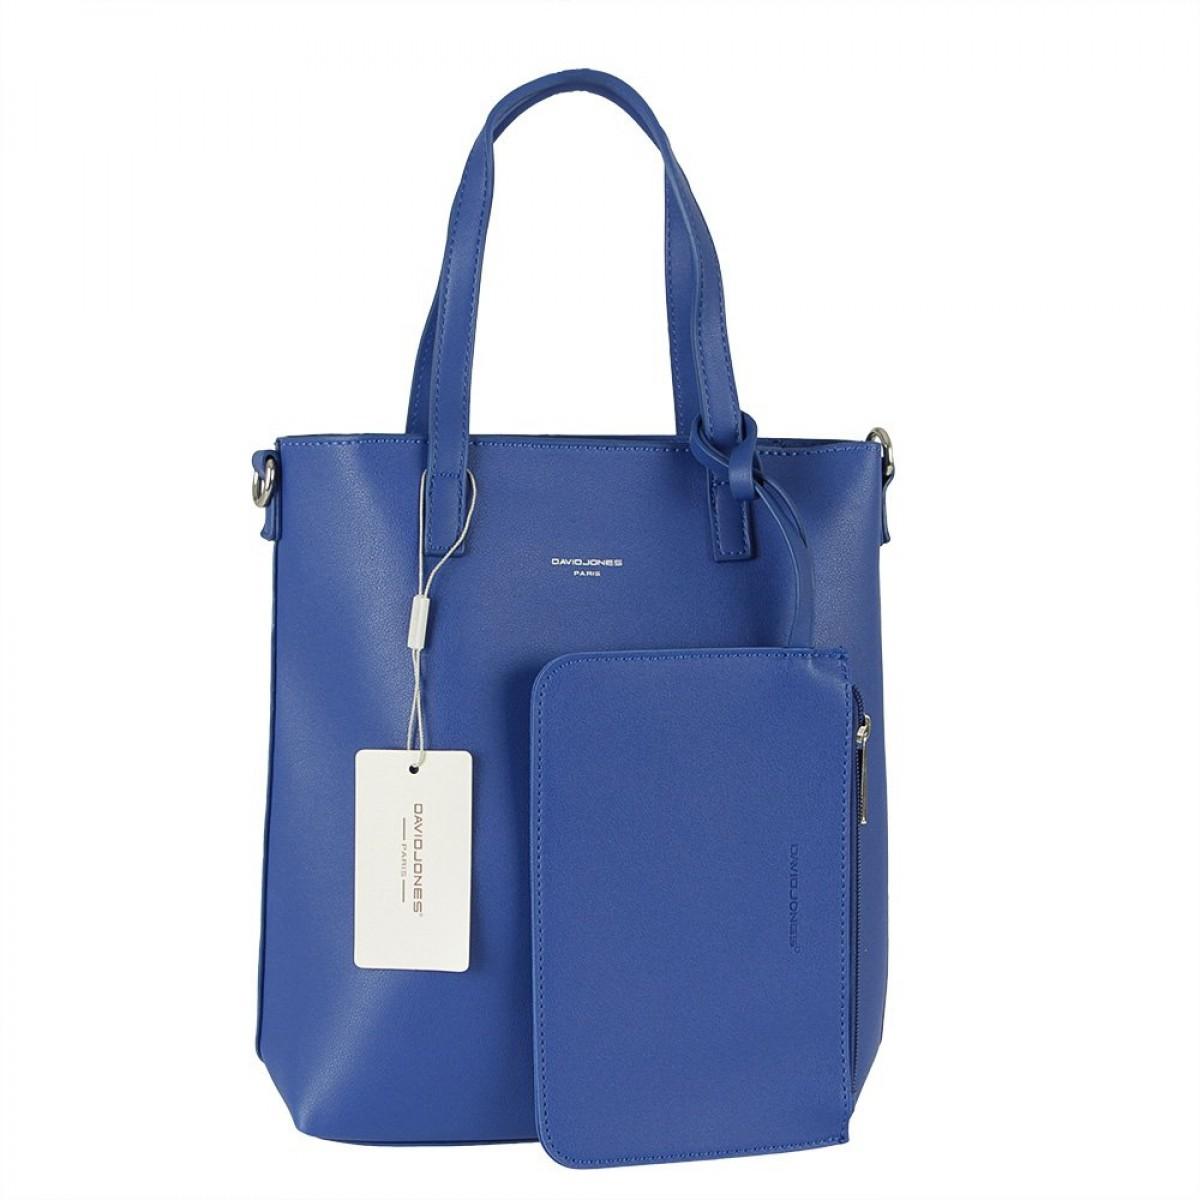 Жіноча сумка David Jones 6291-1 BLUE